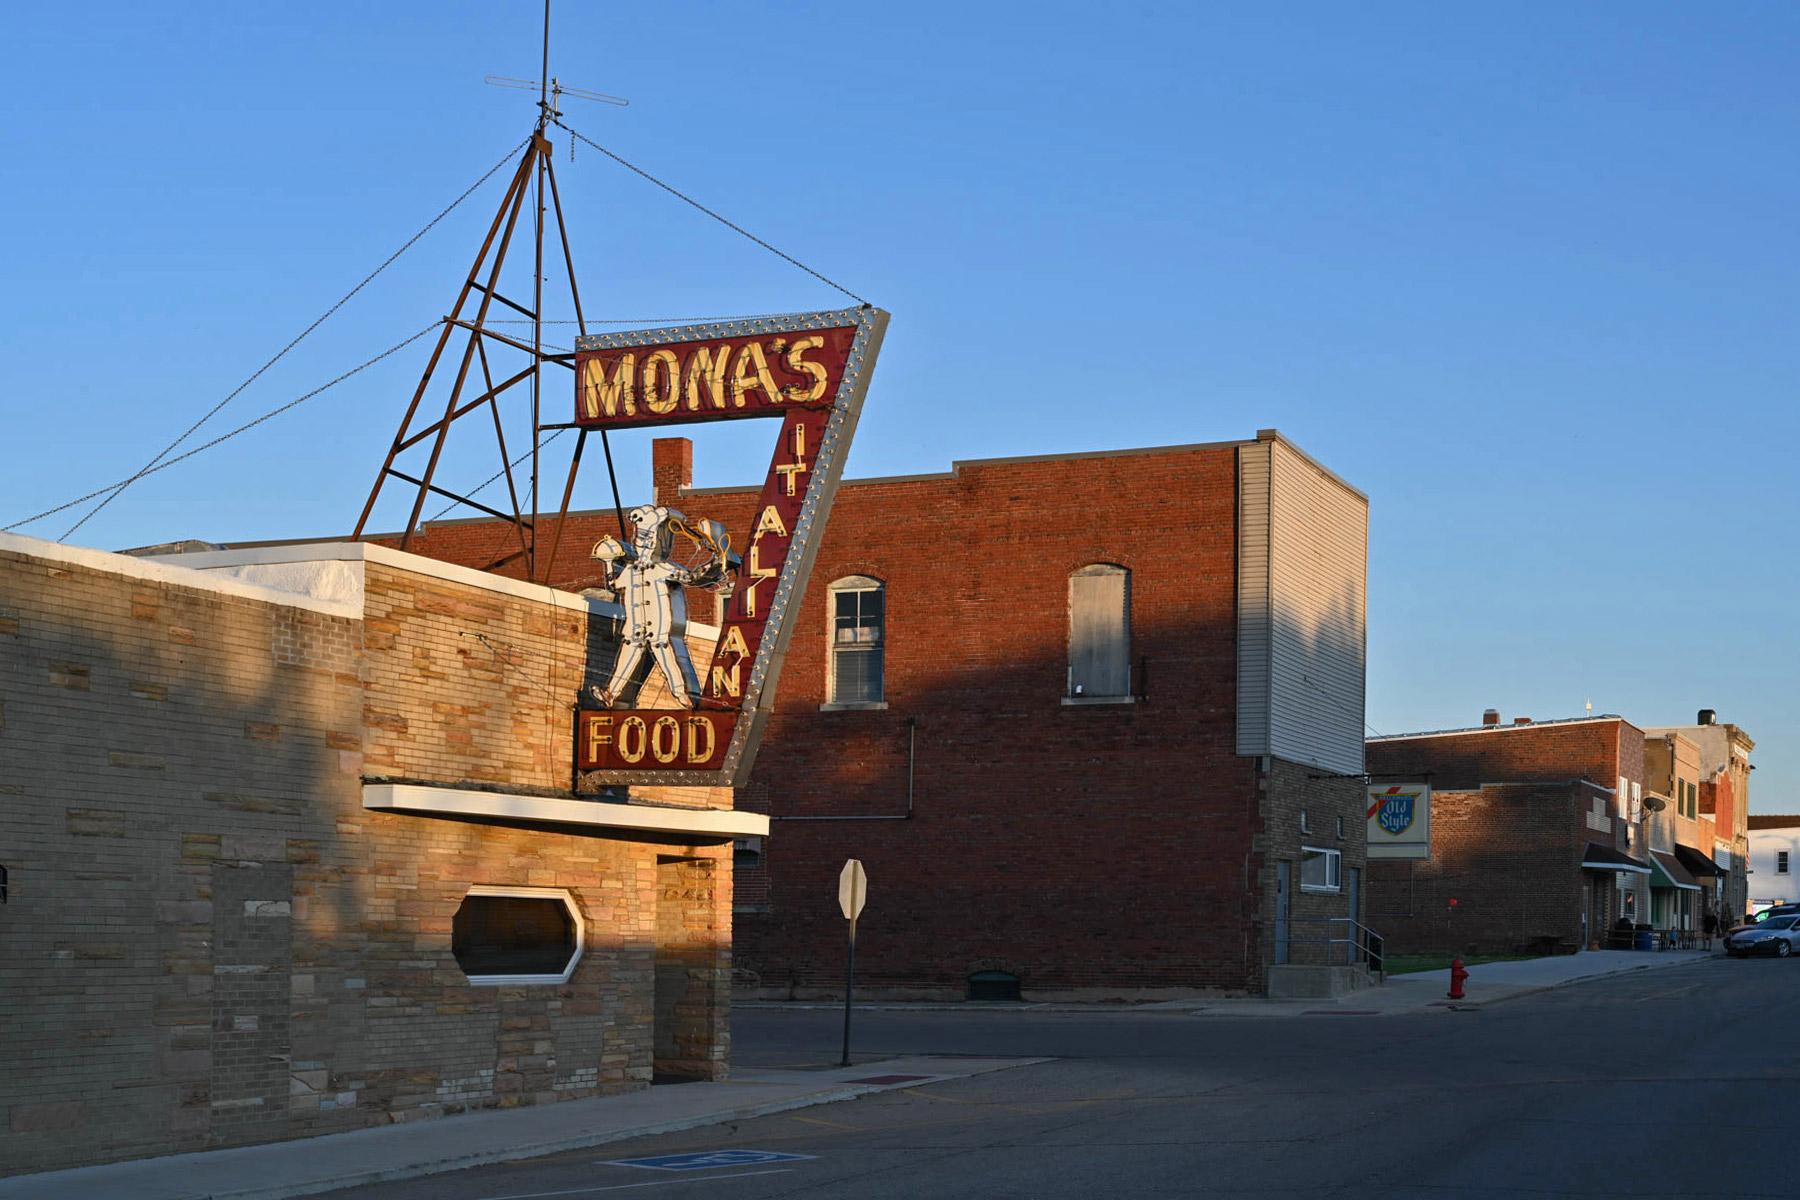 Mona's Day